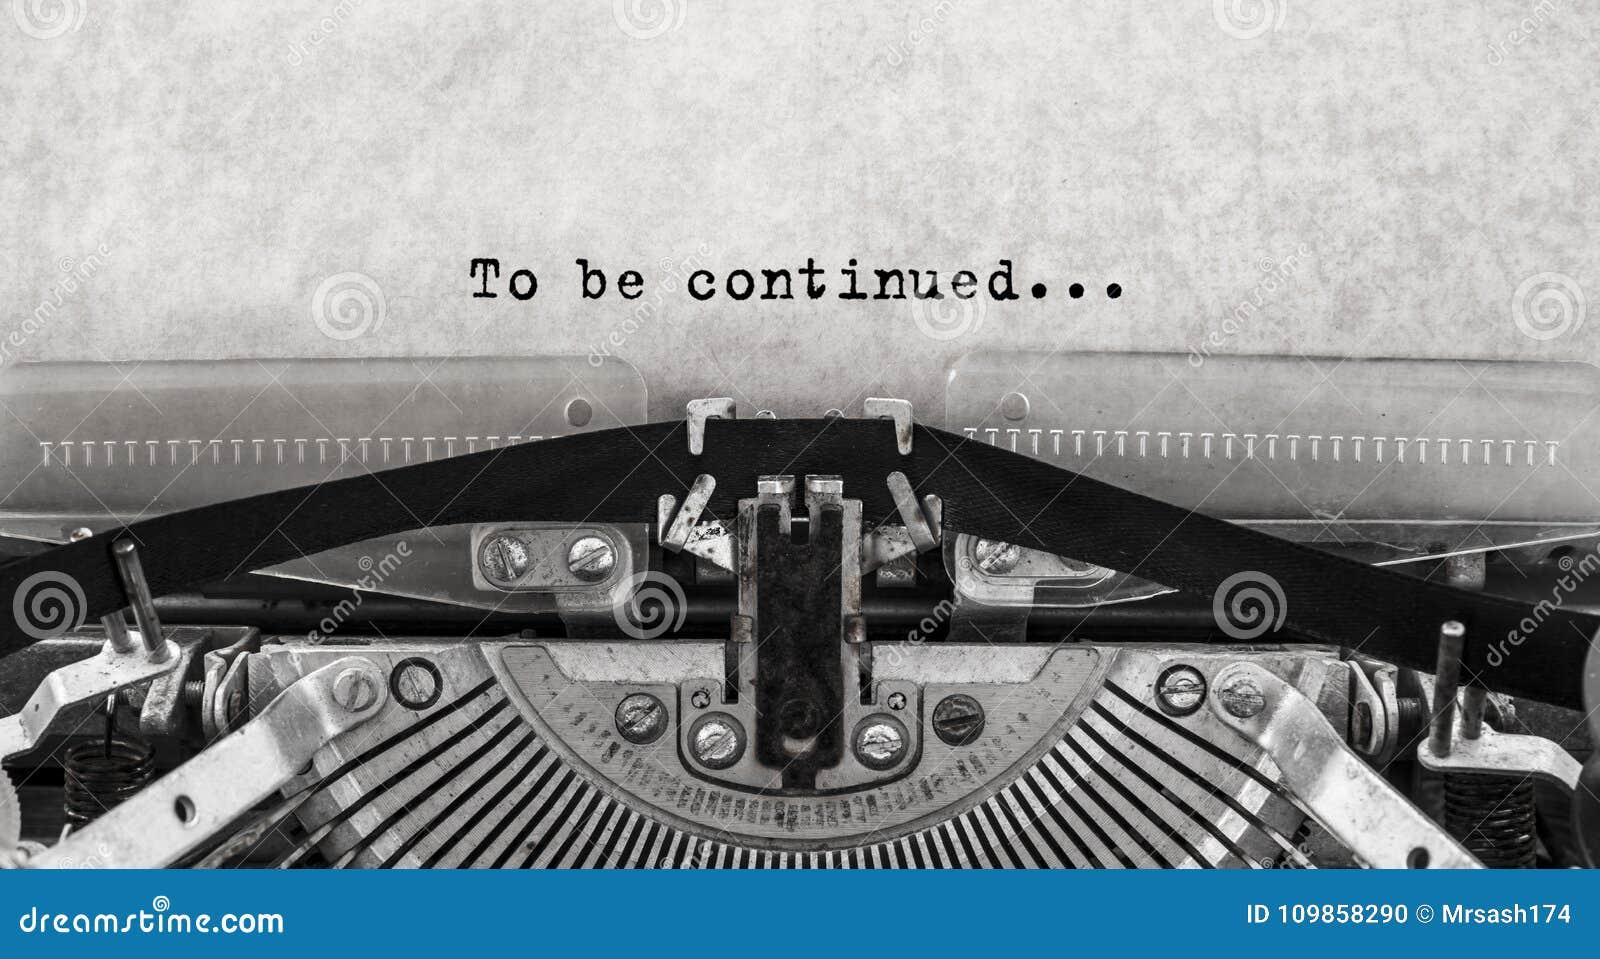 Om zijn verdergegaan Getypte woorden op een oude uitstekende schrijfmachine